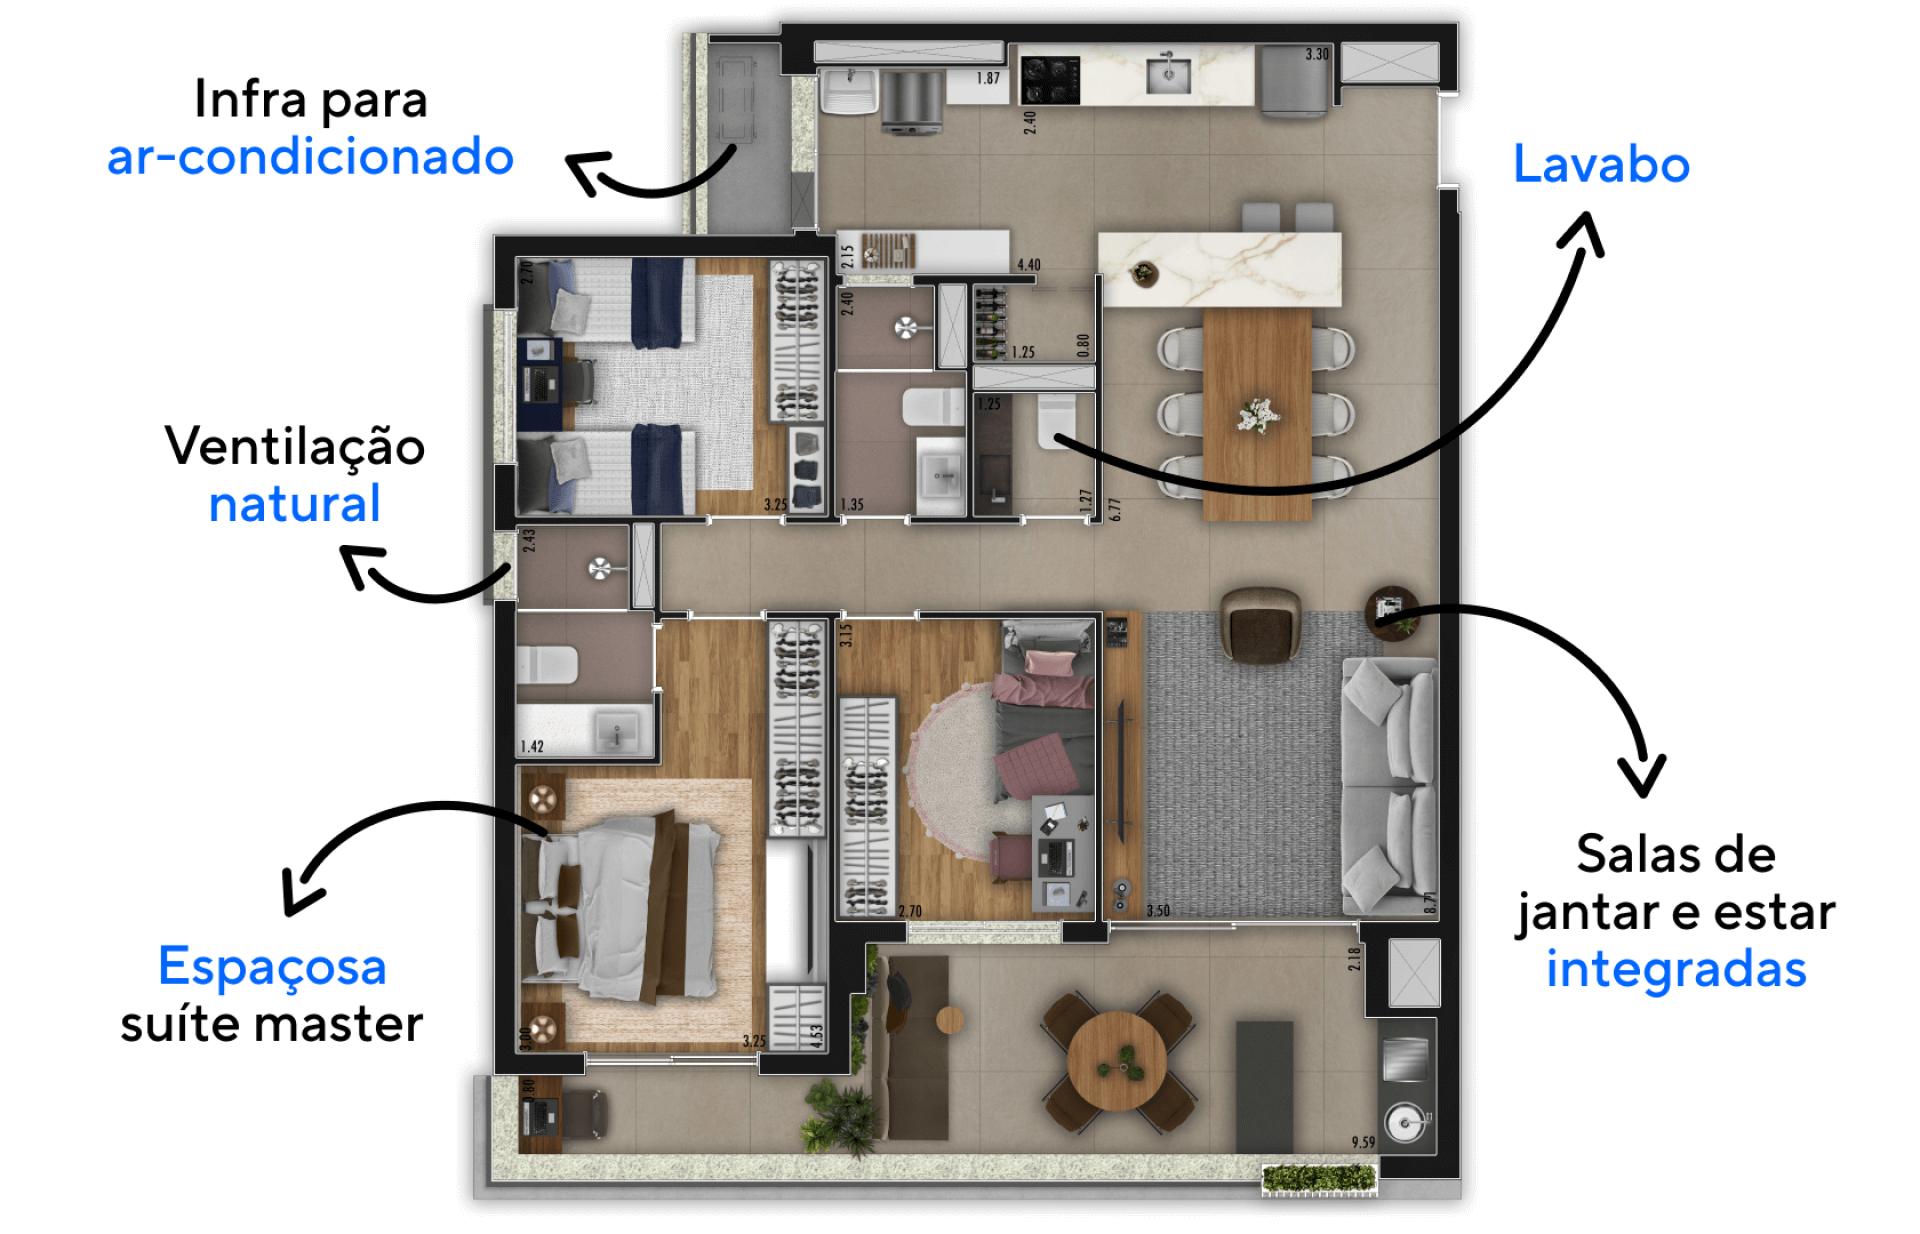 115 M² - 3 DORMITÓRIOS, SENDO 1 SUÍTE. Apartamentos com confortáveis dormitórios que acomodam uma família de até 5 pessoas, destaque para suíte master com ampla área de descanso, espaço para armário linear e banheiro com iluminação natural.